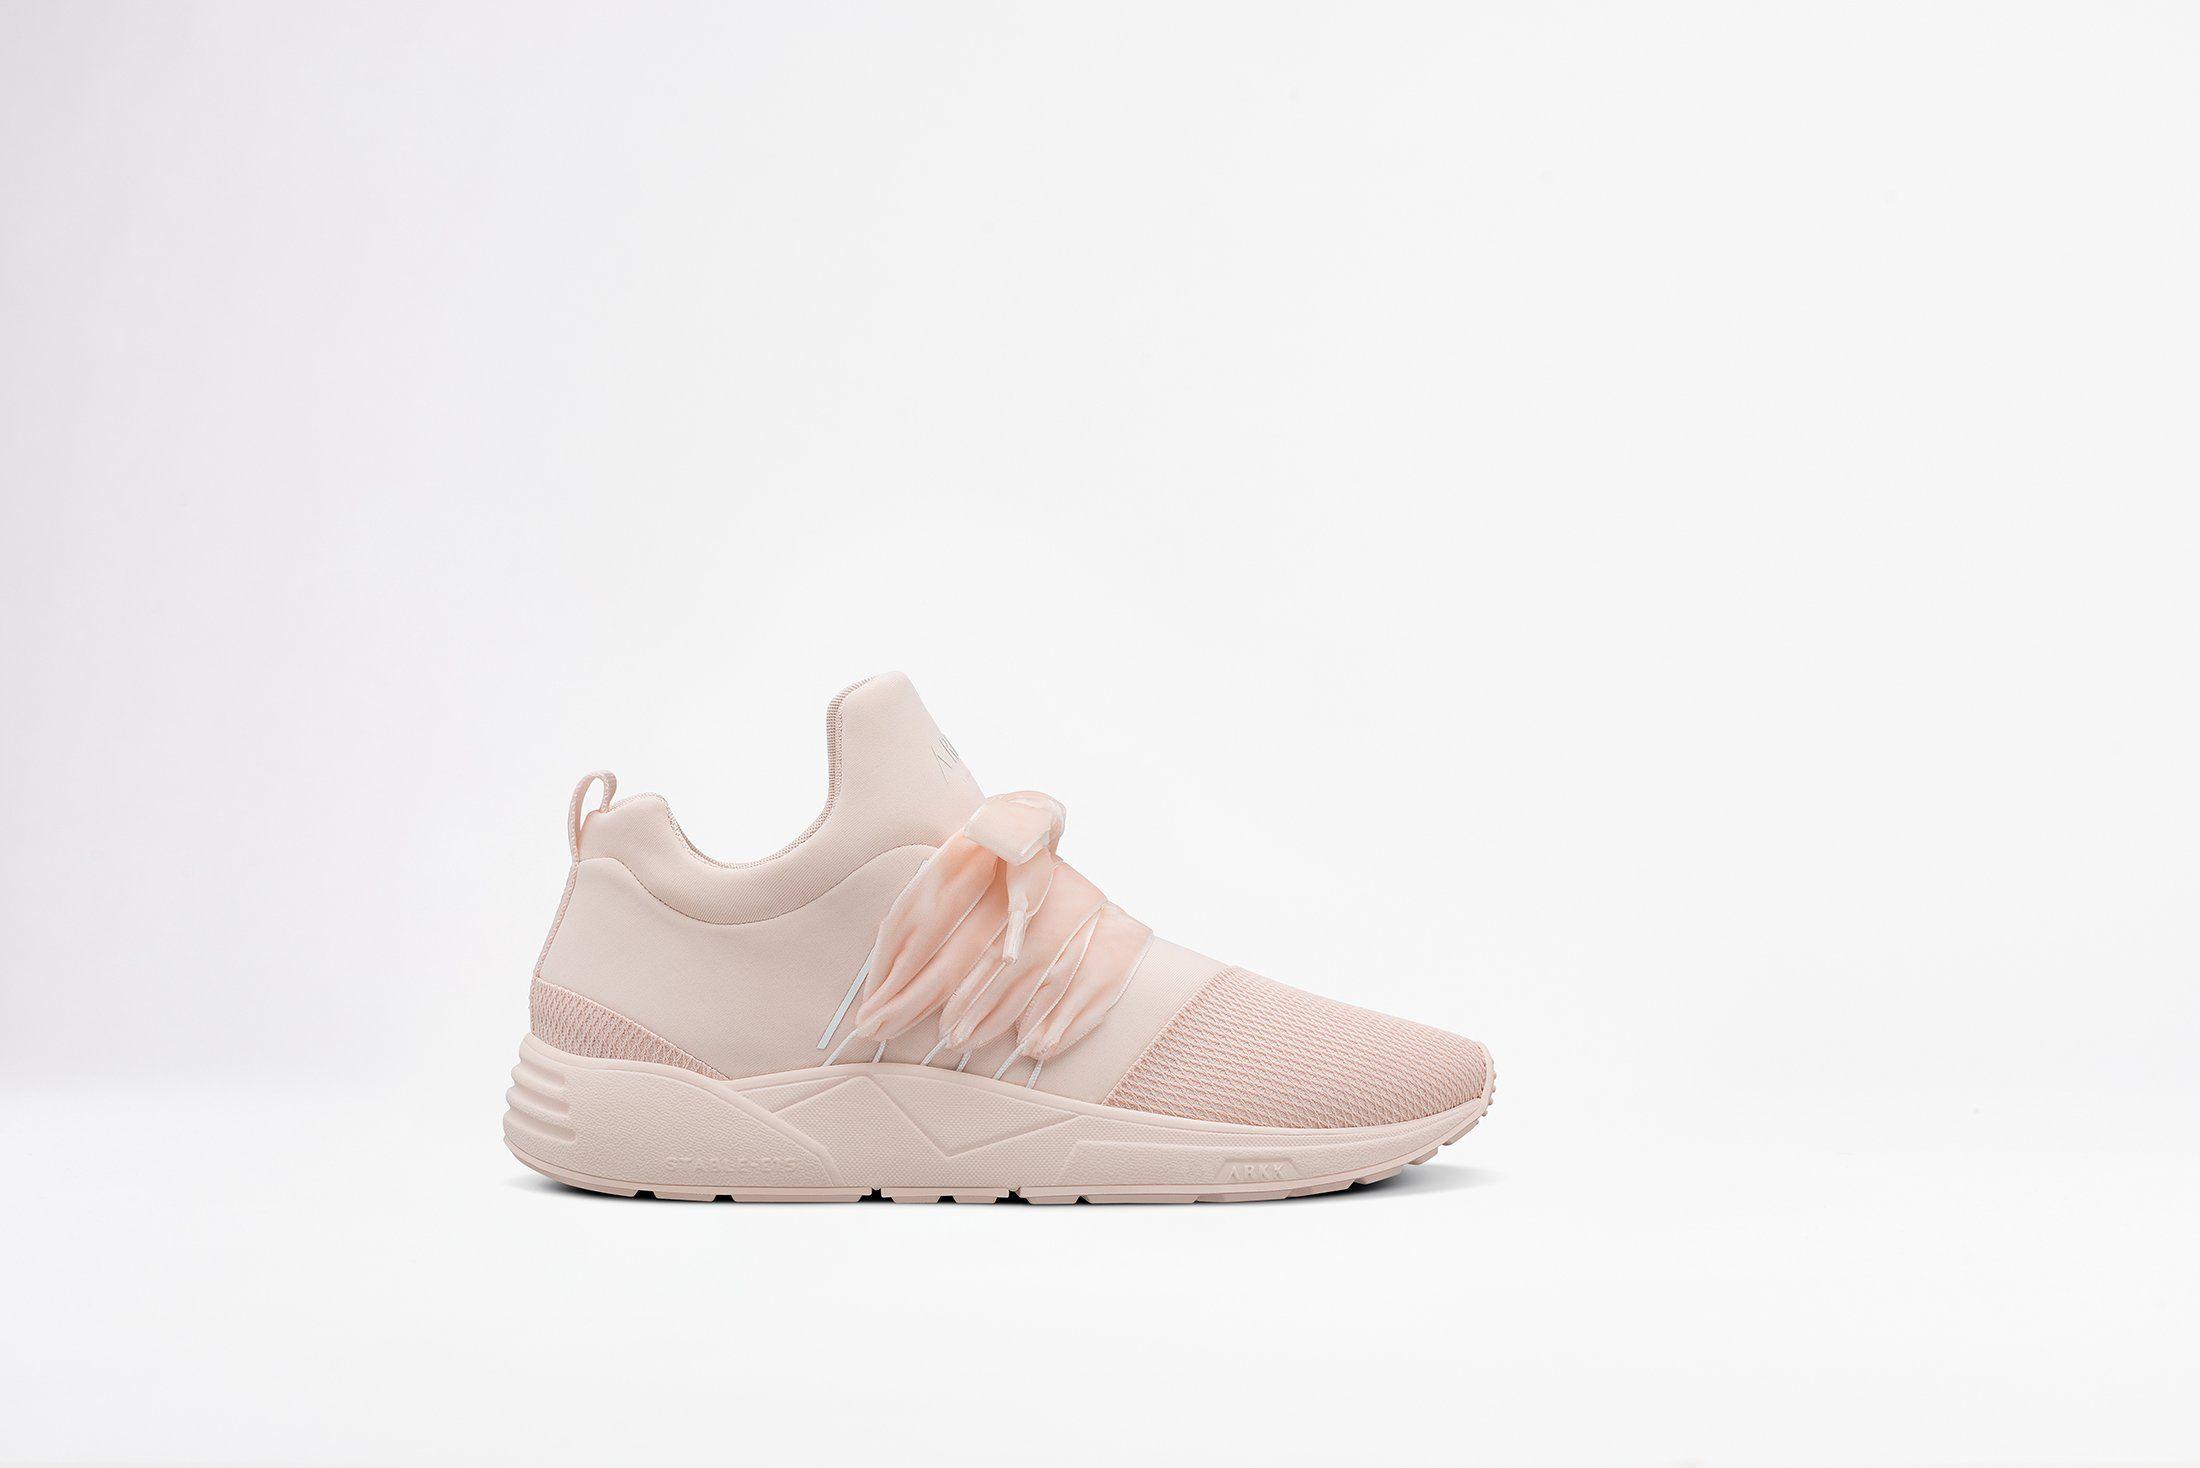 S White Mesh Rose WomenFtw Velvet sneaker E15 Raven Soft NkPXw80nO